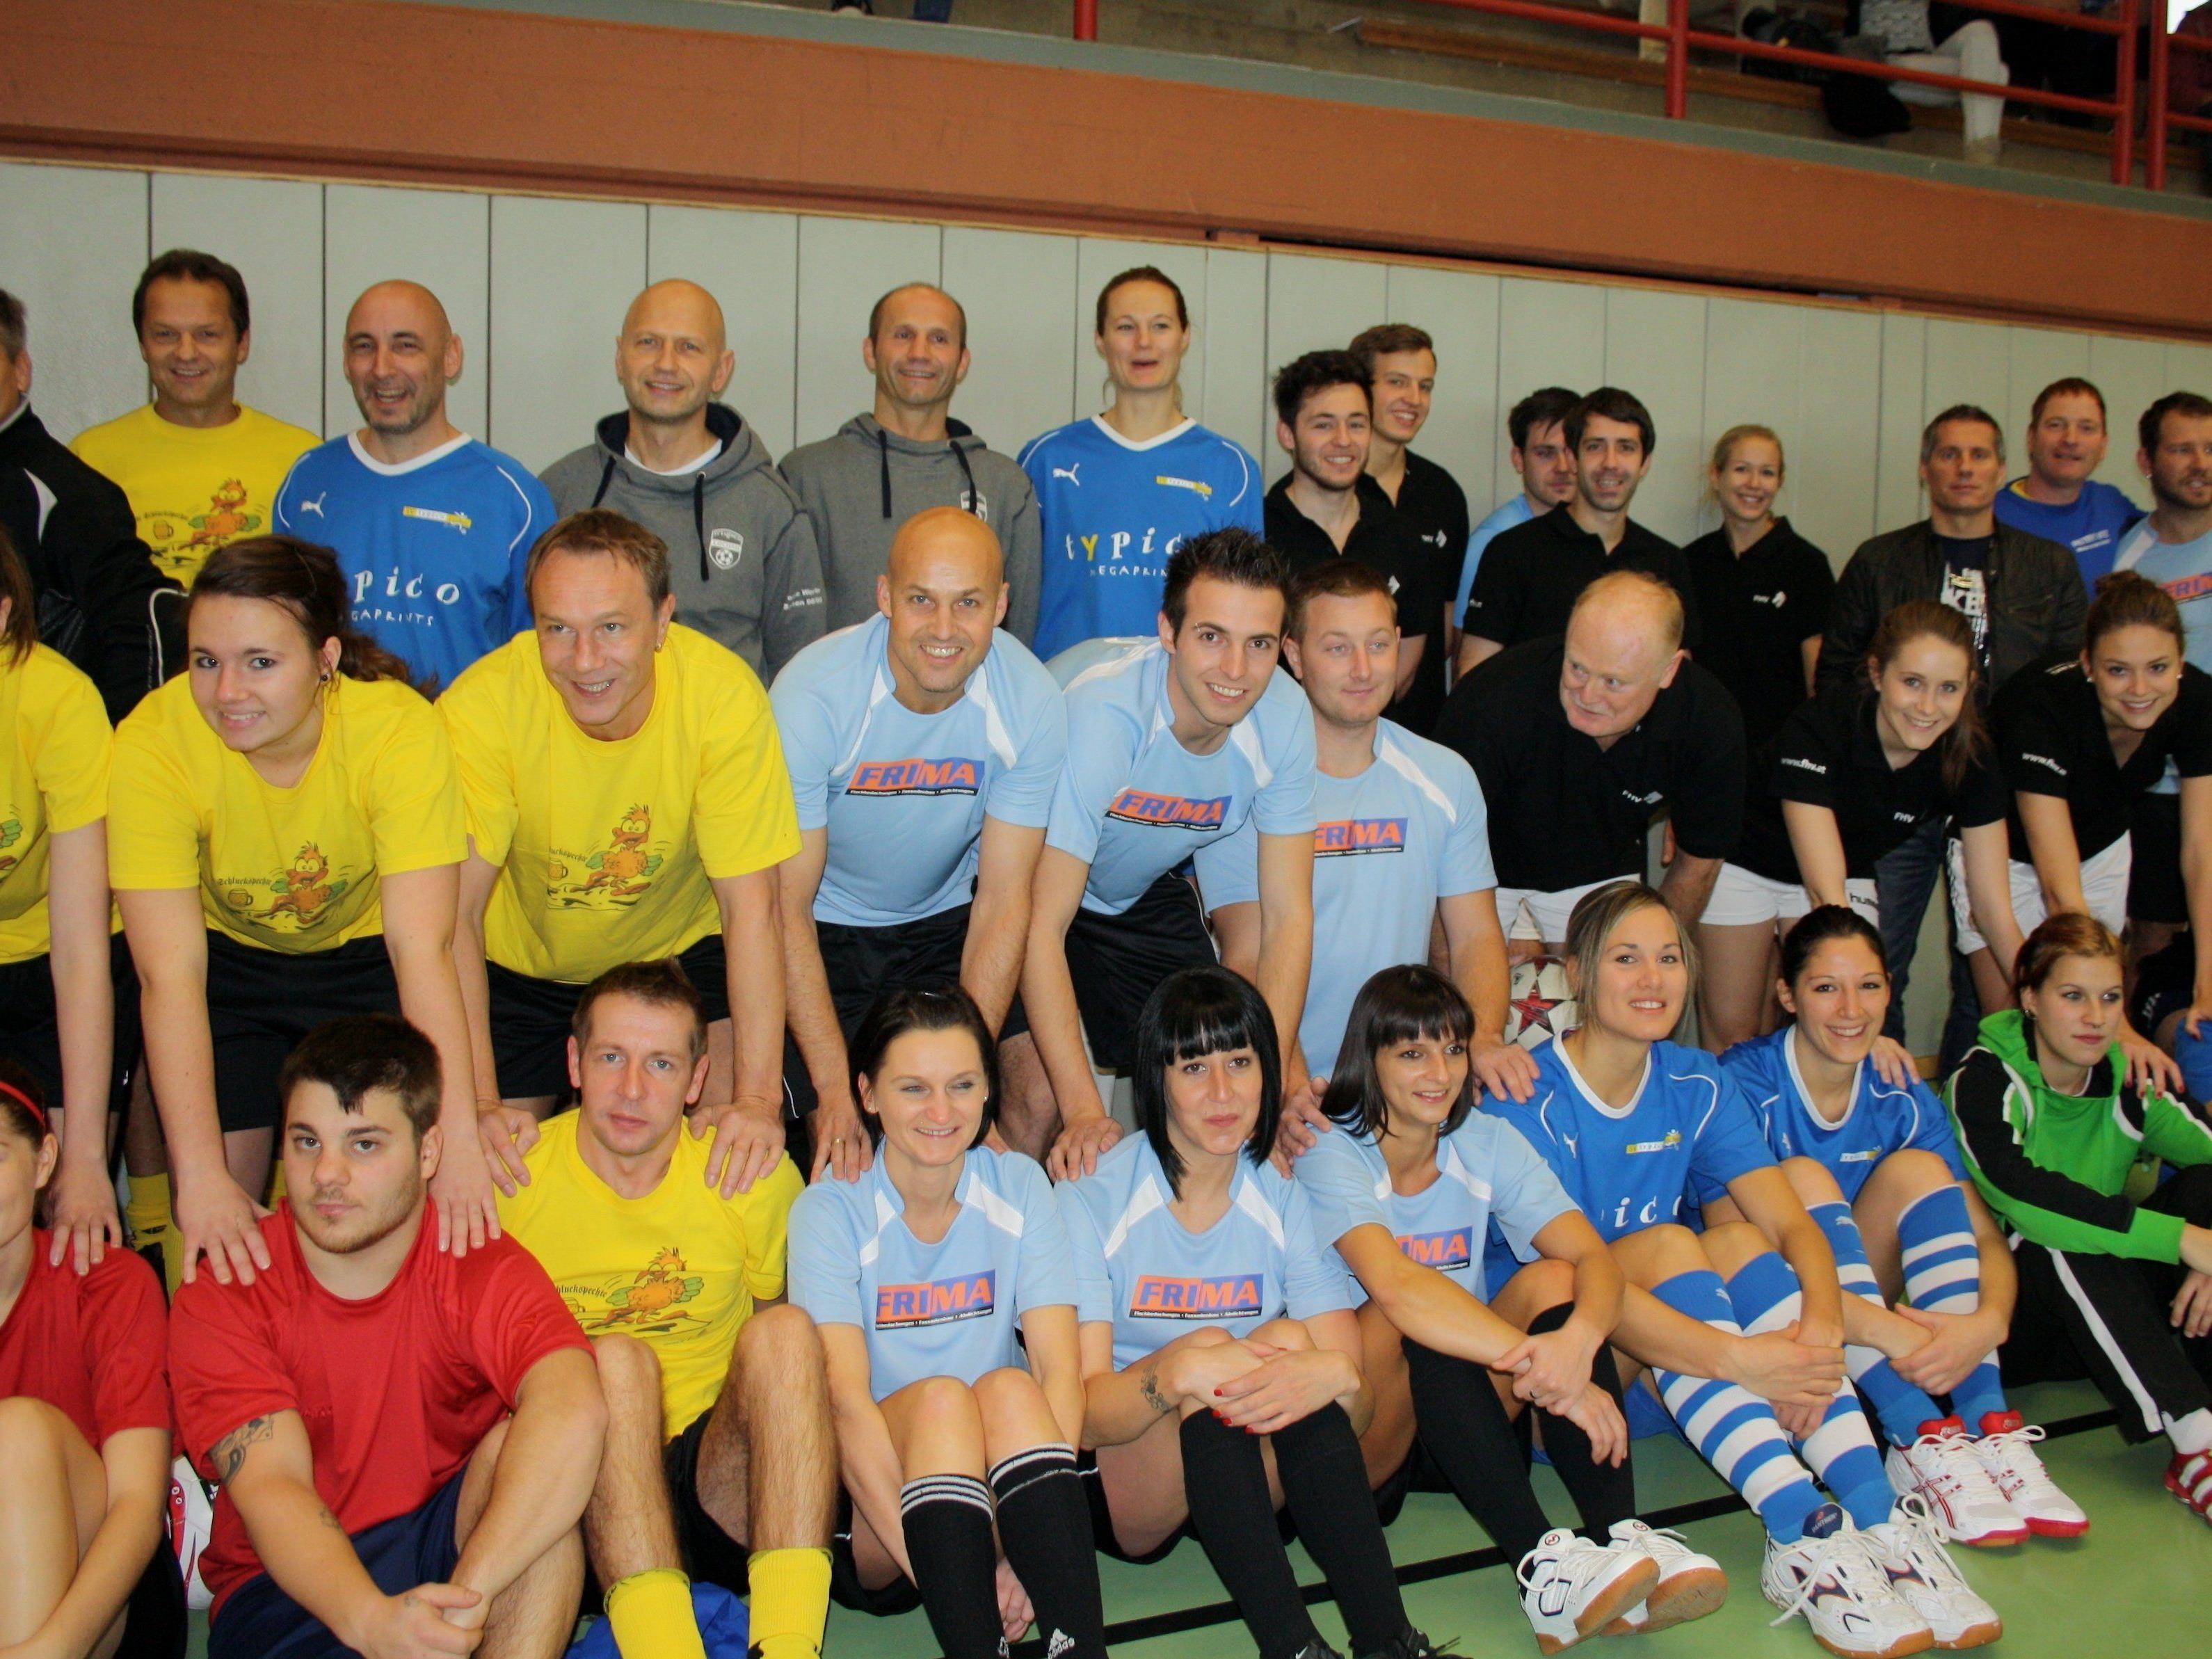 """Geselligkeit und Spaß am Fußballspielen stehen beim """"Turnier des Herzens 2015"""" in der Sporthalle Lochau im Mittelpunkt."""